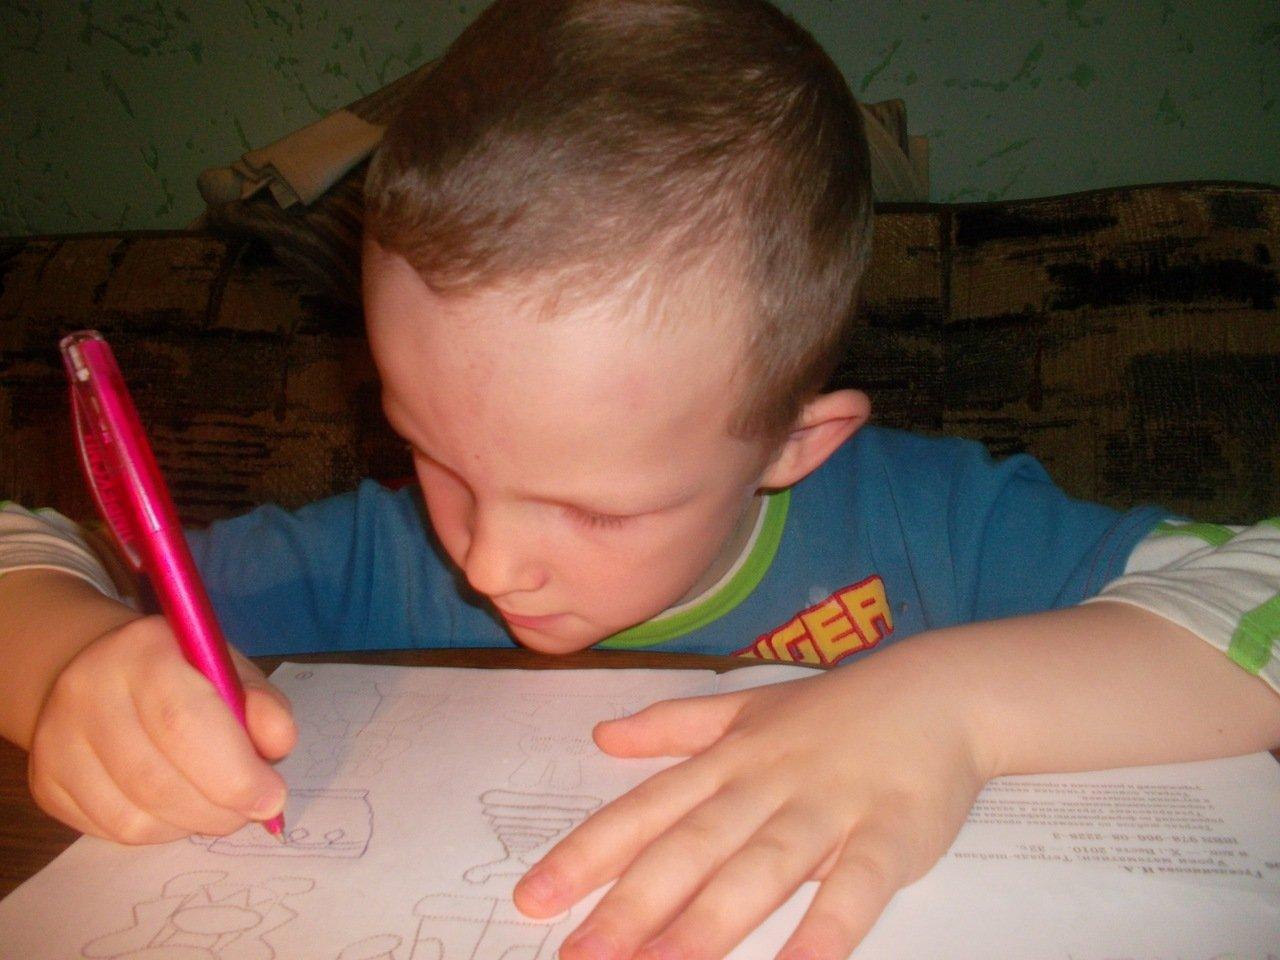 Что делать если ребенок не хочет рисовать